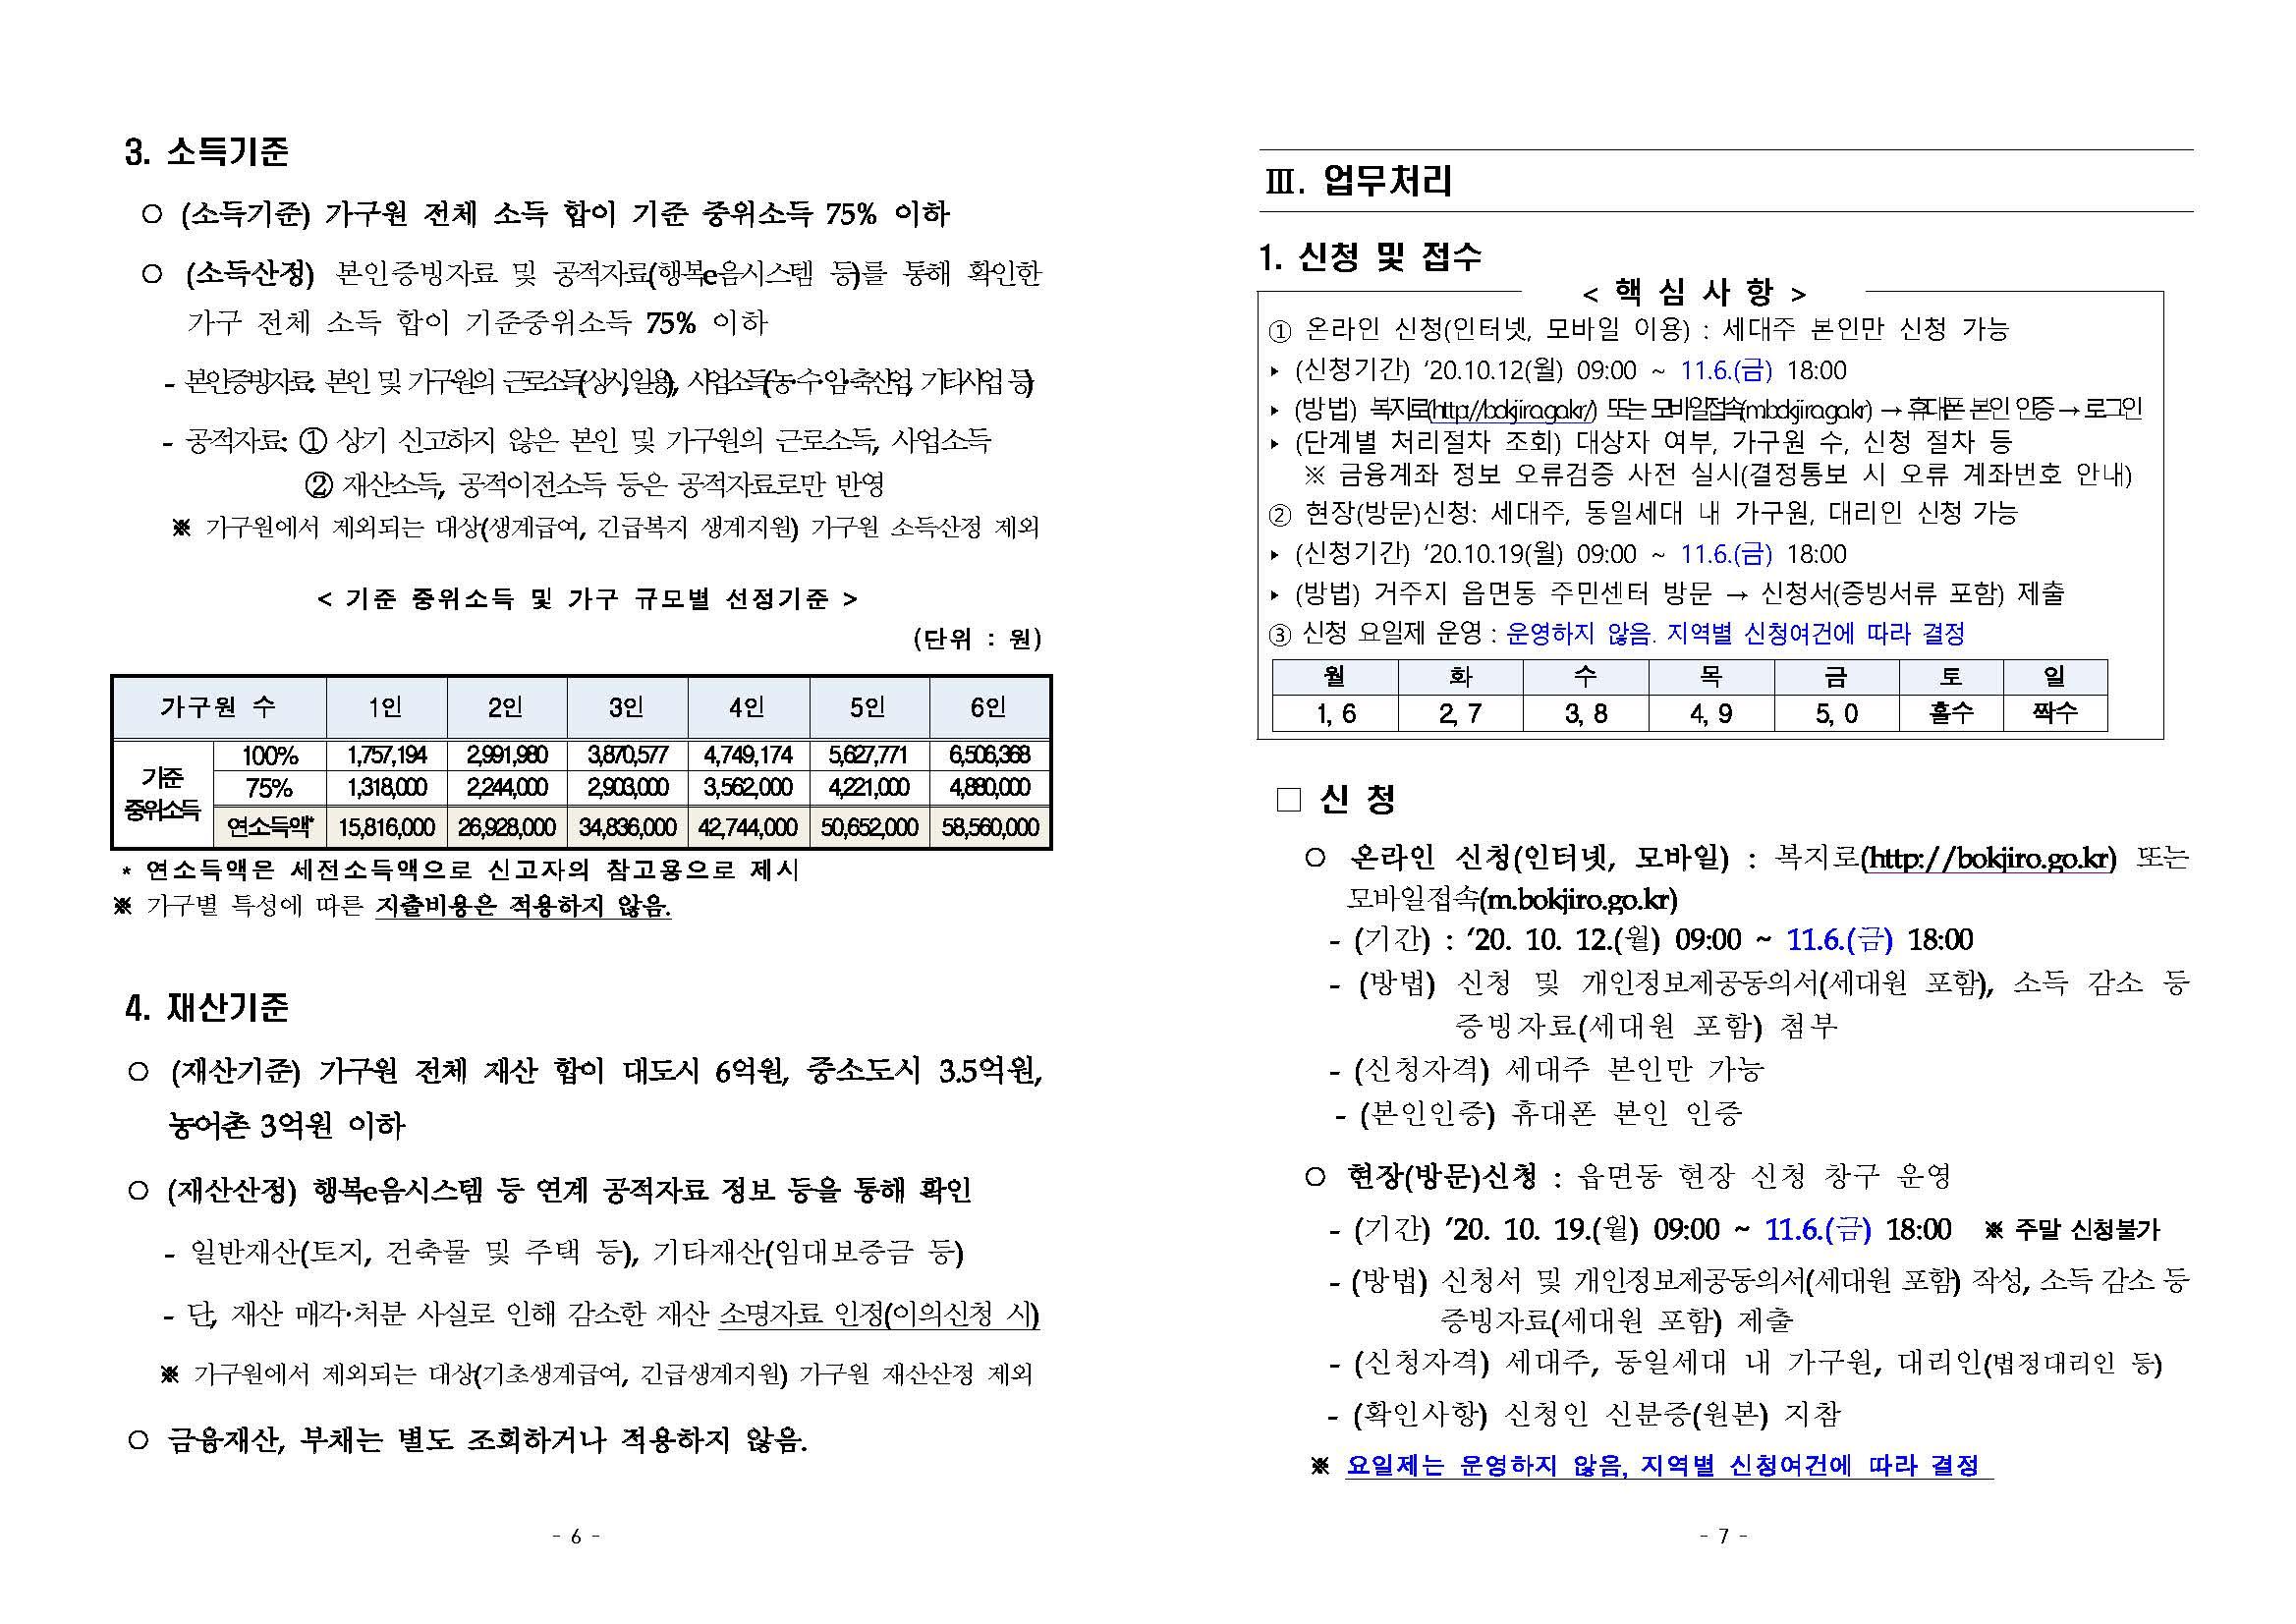 20.10.26_위기가구 긴급 생계지원 사업[변경]_페이지_06.jpg